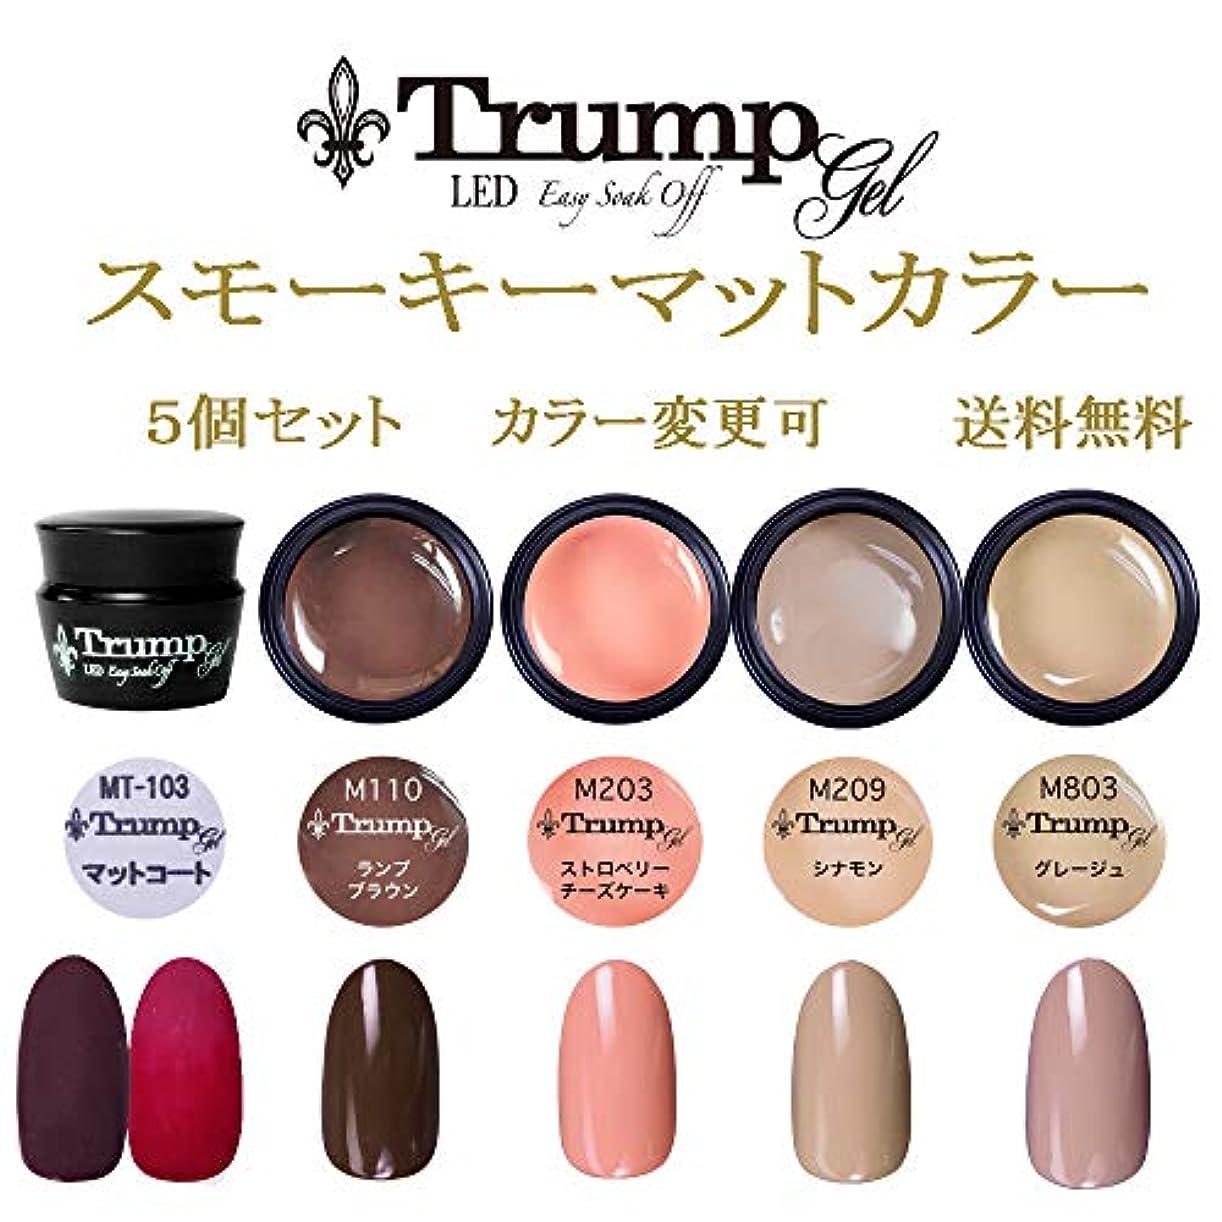 富豪誰かモンク【送料無料】日本製 Trump gel トランプジェル スモーキーマット カラージェル 5個セット 魅惑のフロストマットトップとマットに合う人気カラーをチョイス